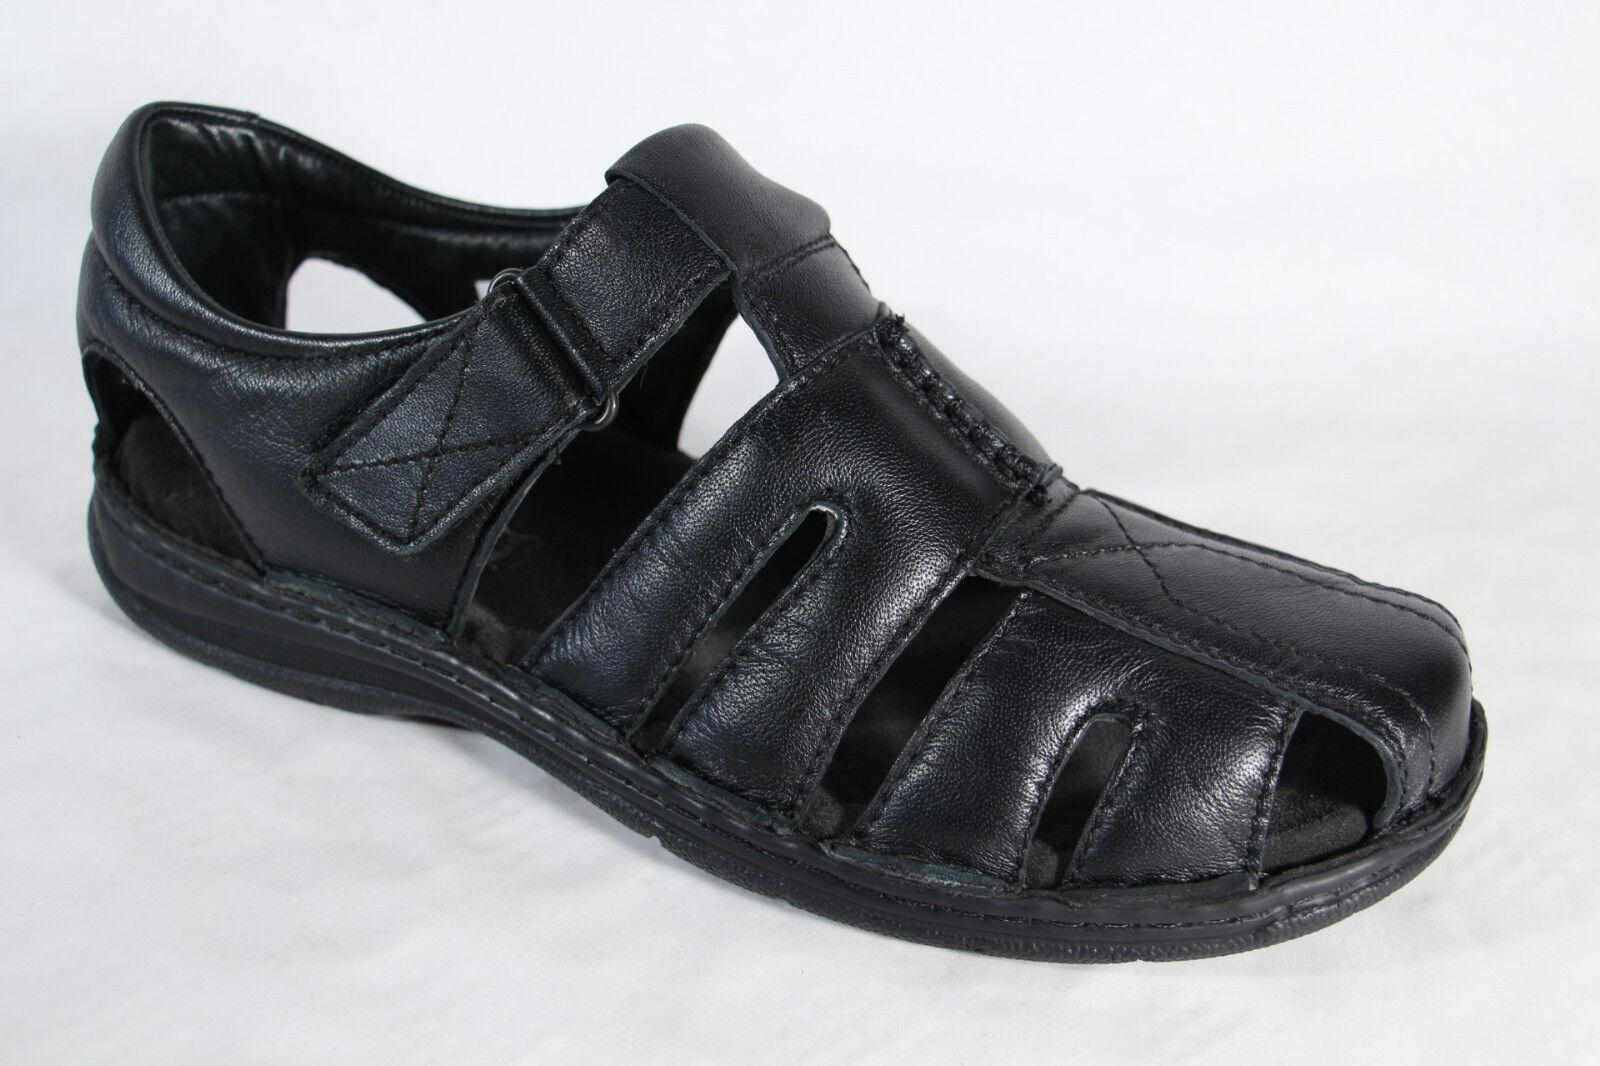 san francisco 7672a 80755 Manitu Herren Slipper Sneaker Leder schwarz, Klettverschluss NEU